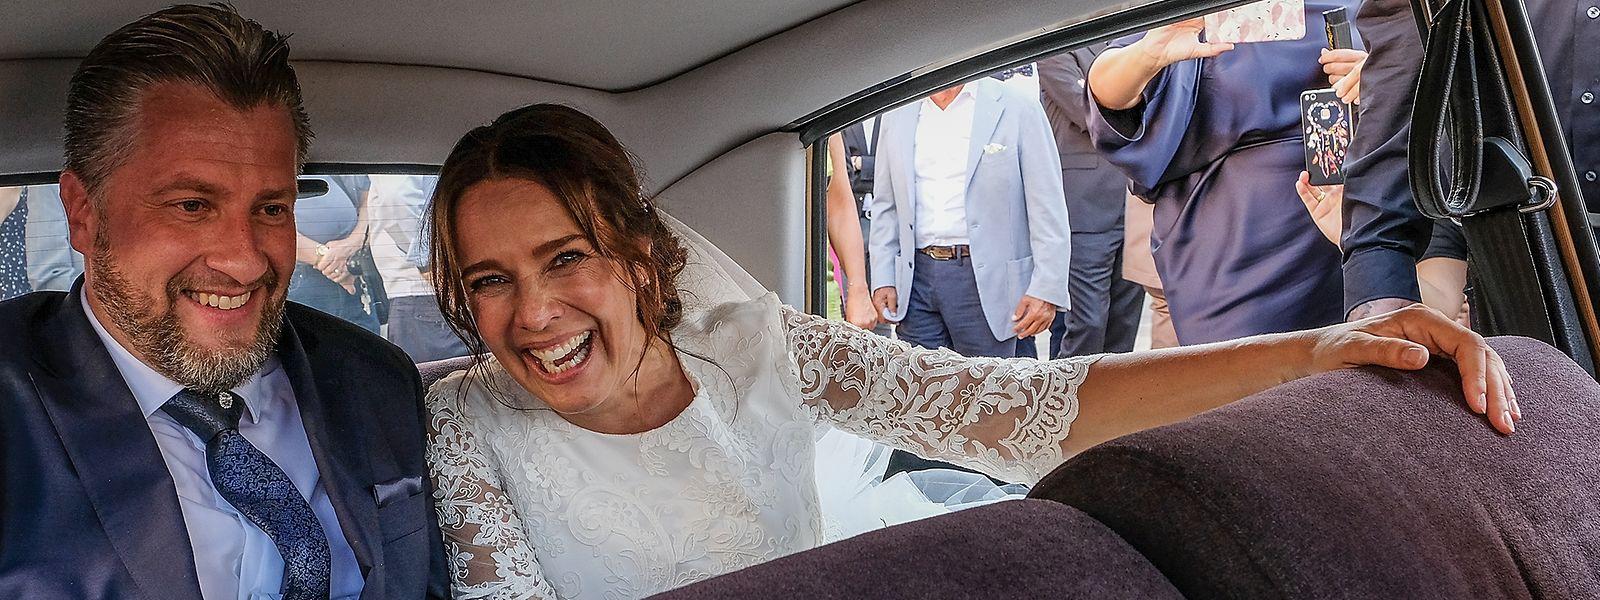 Das glückliche Brautpaar: Desirée Nosbusch und Tom Bierbaumer.